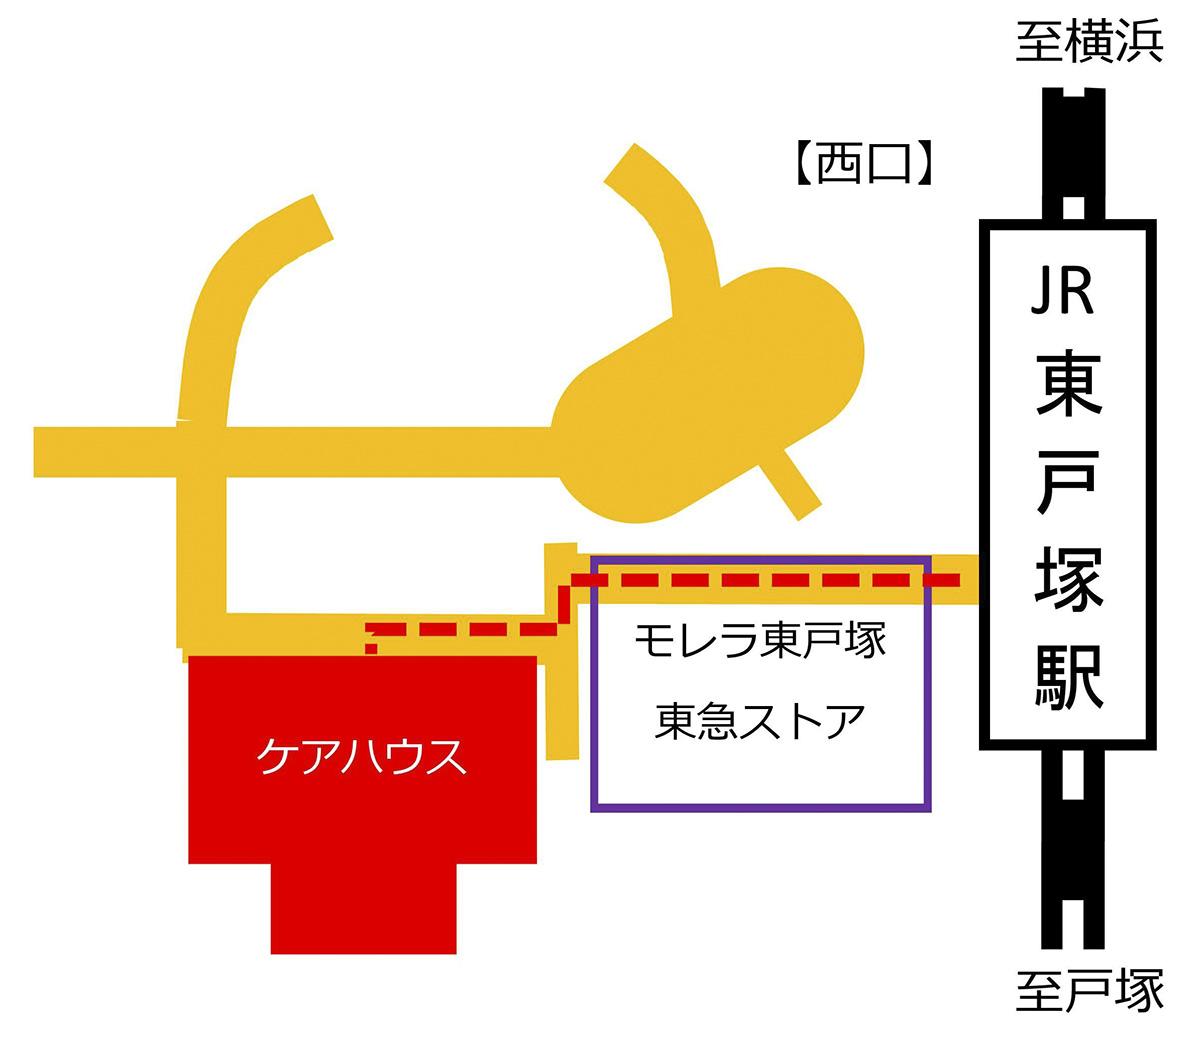 徒歩map